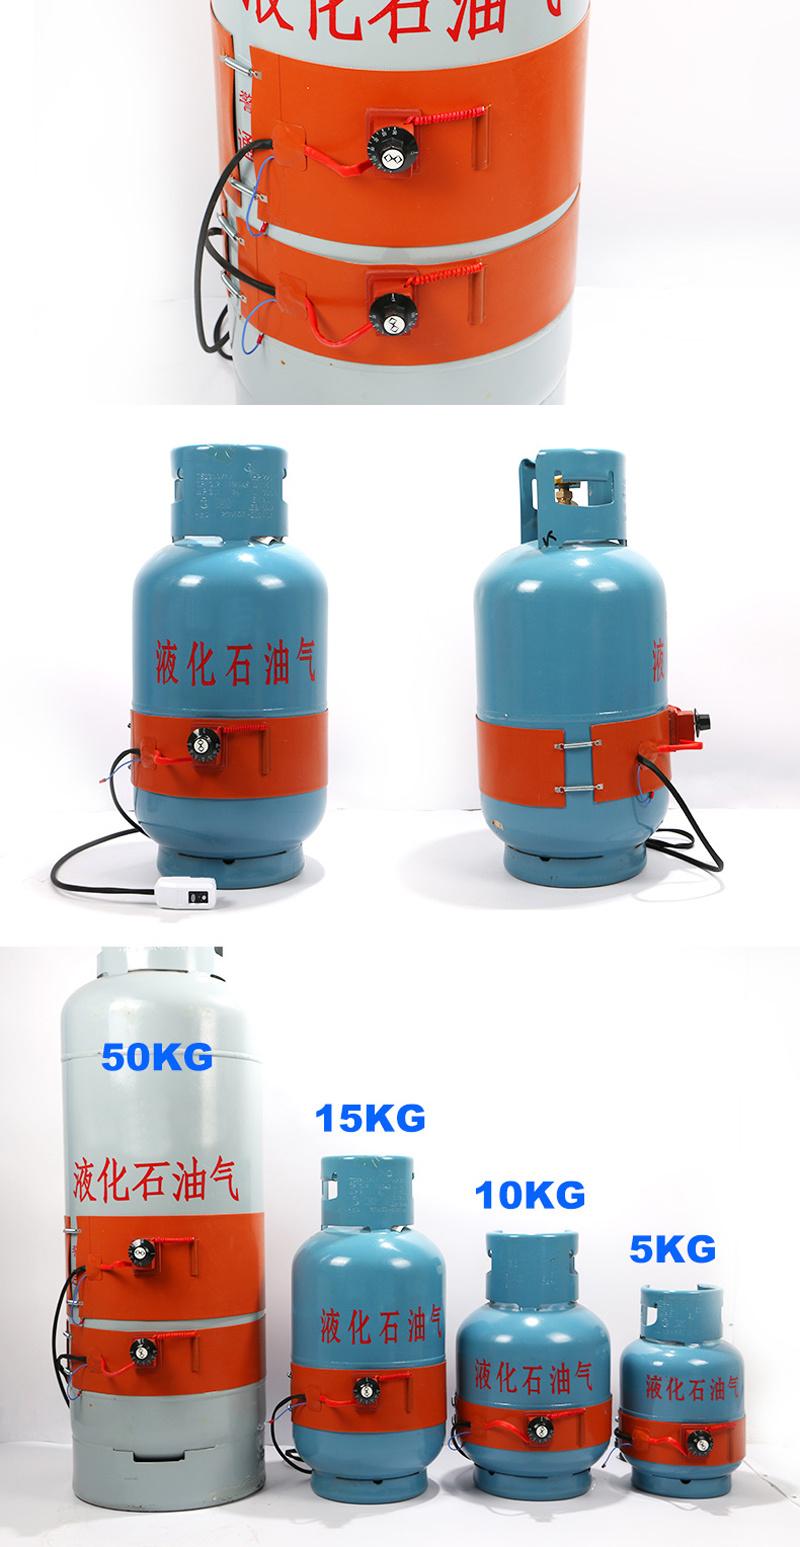 Tank Oil Silicone Rubber Heater